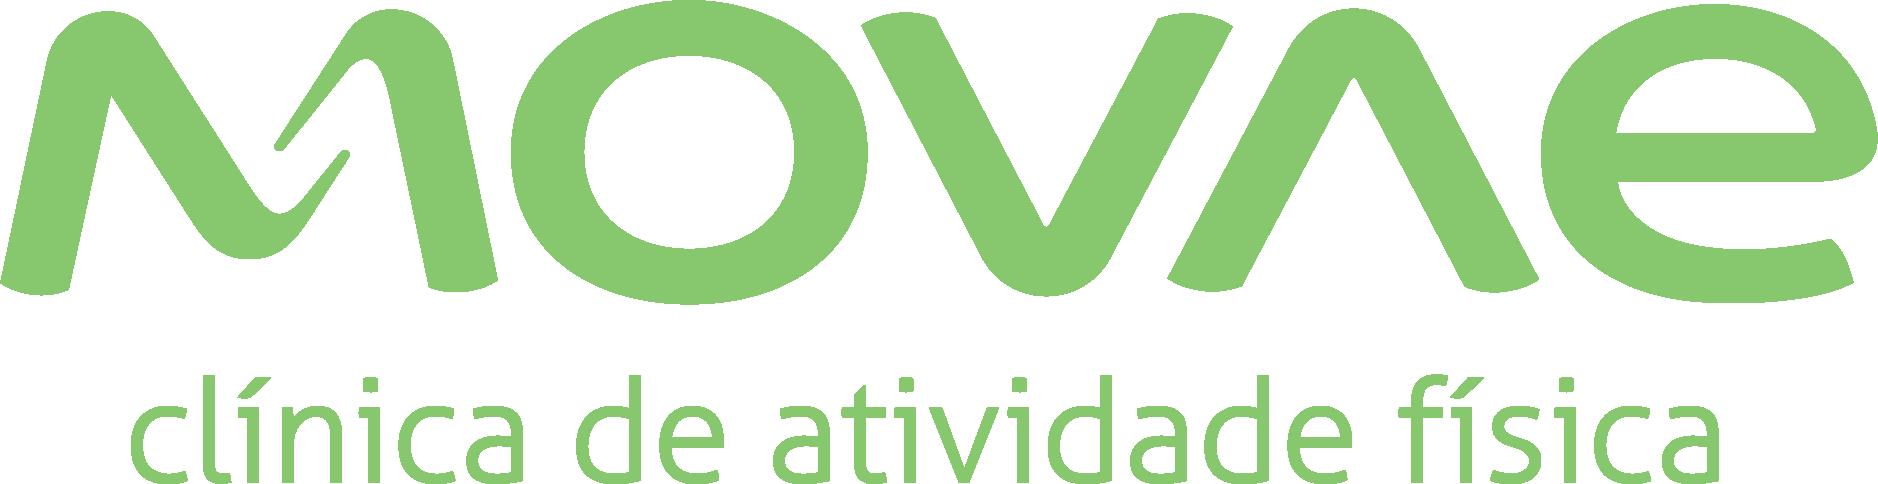 Clínica Movae